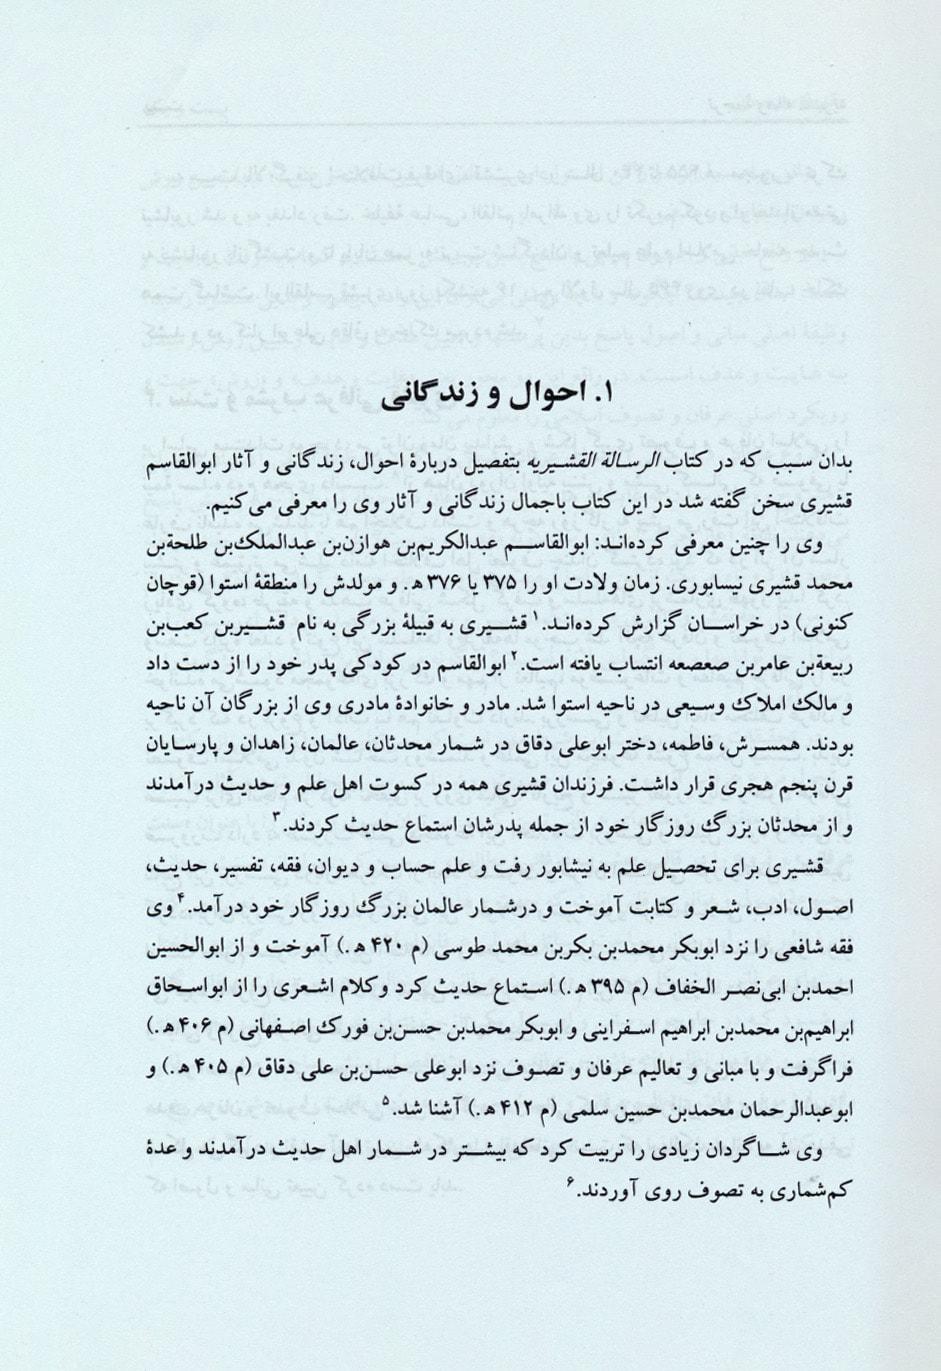 ترجمه رساله قشیریه (تحقیقات عرفانی12)